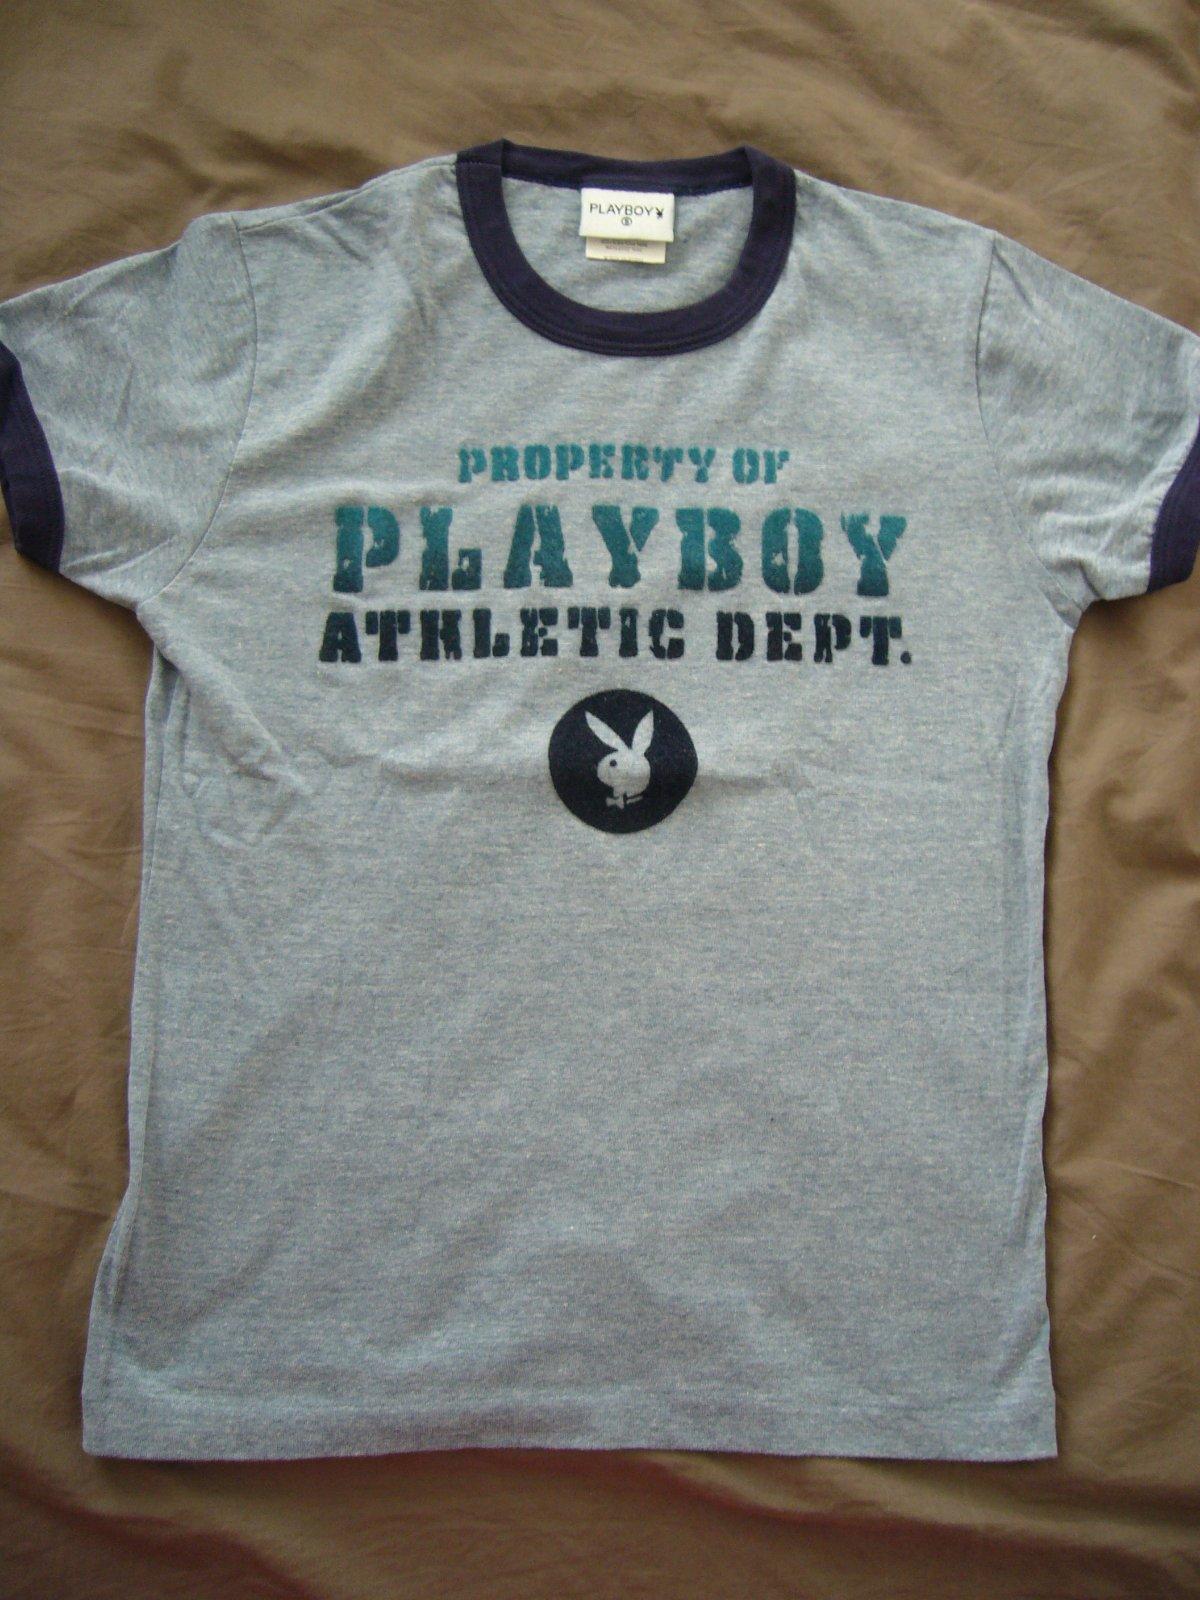 a9368d295f Originál dámské tričko playboy